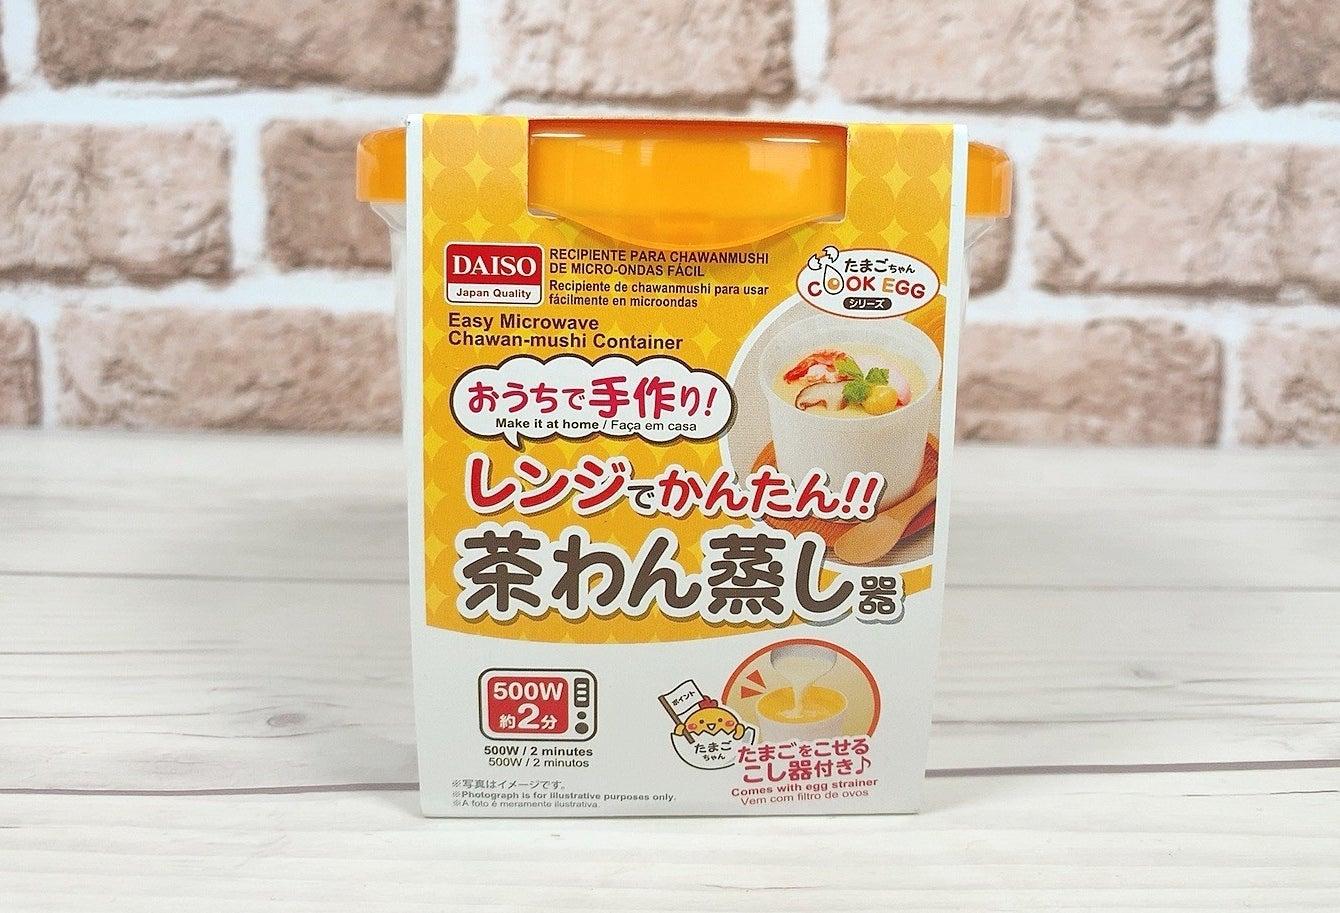 家で茶わん蒸しが簡単に作れるグッズ。茶わん蒸しって手間がかかるから、食べたいときはスーパーで既製品を買っちゃうんだよな〜。